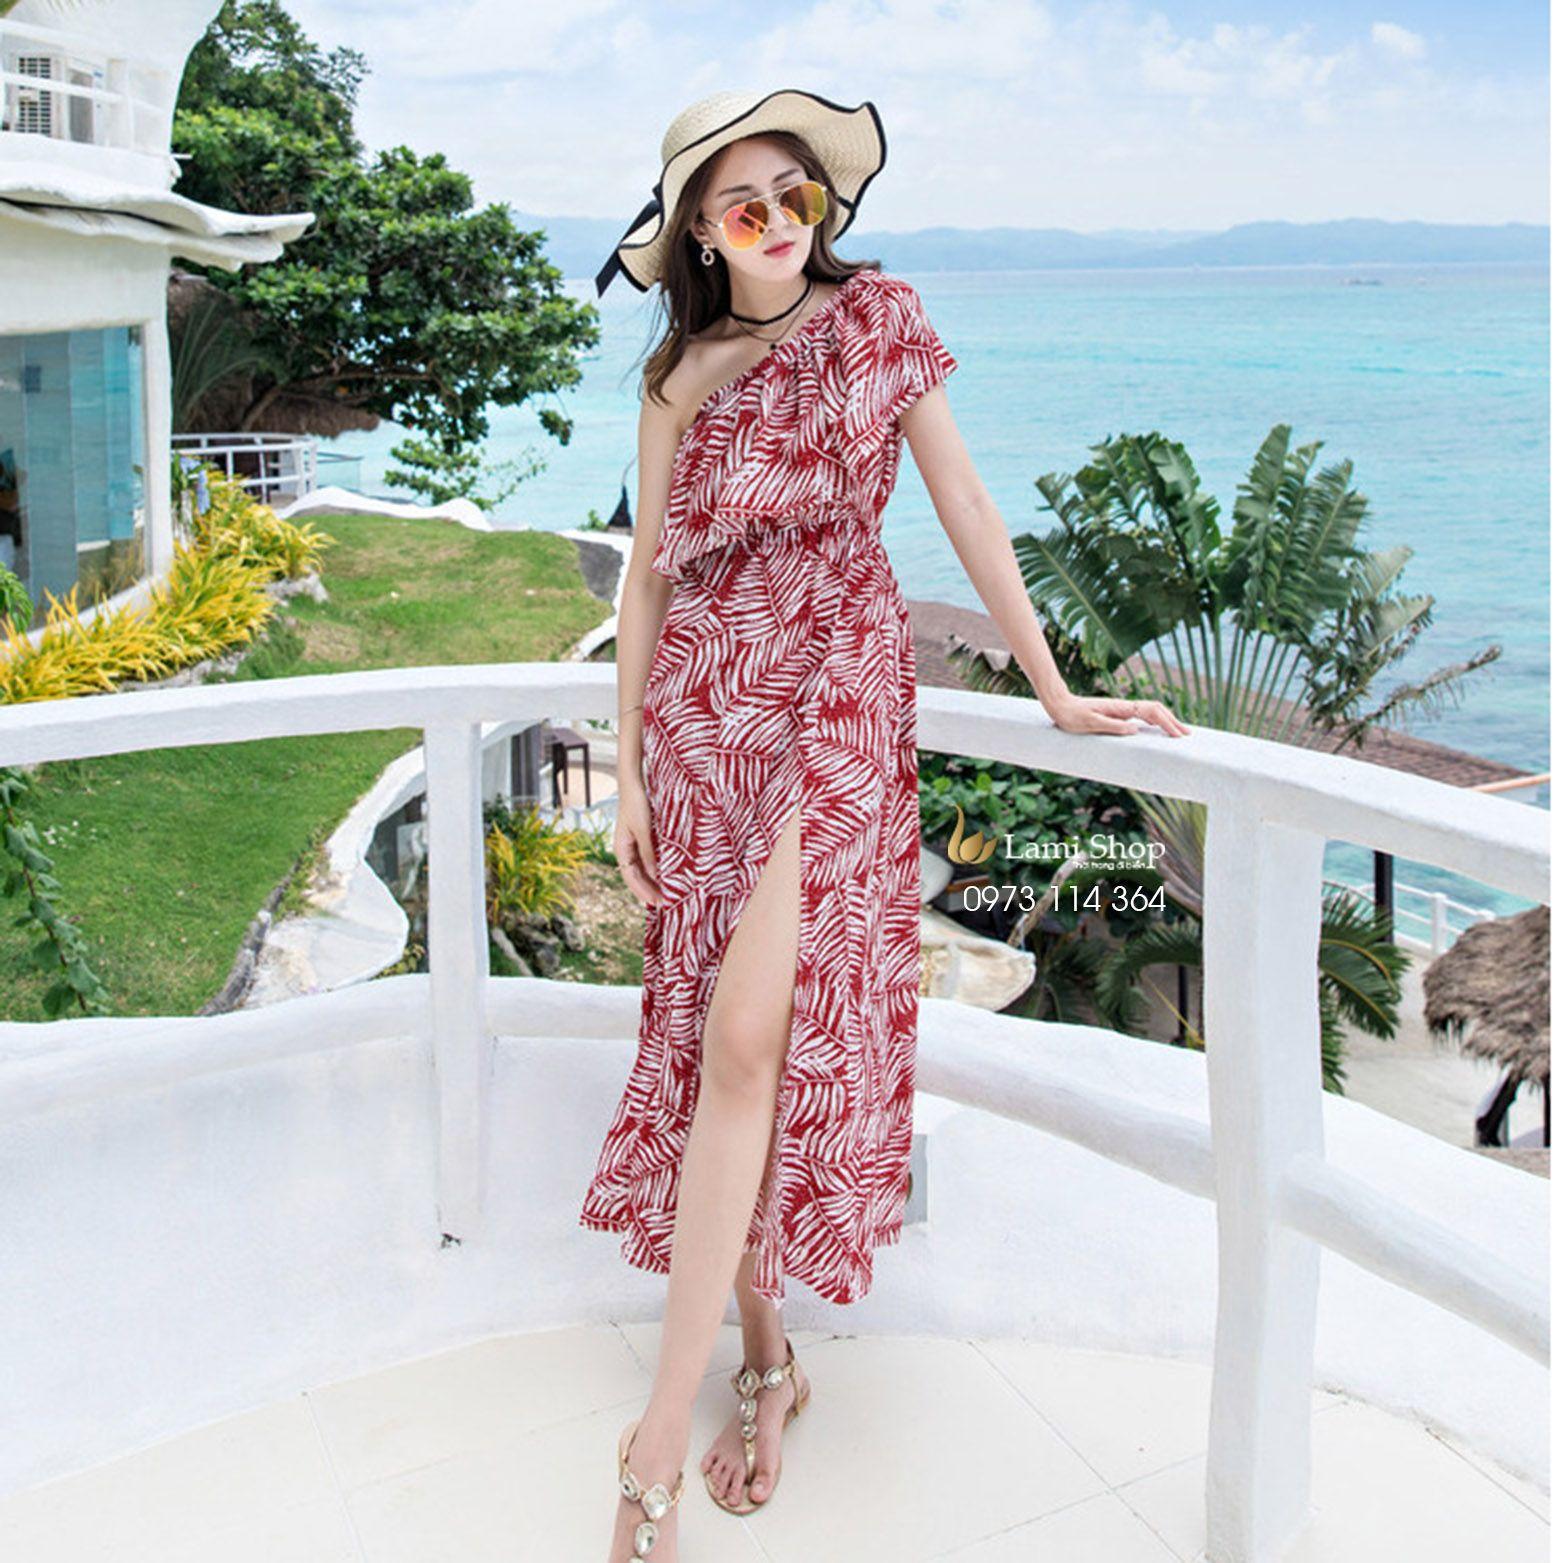 Đầm Maxi chào hè cháy hàng với phong cách nổi bật và gợi cảm - 3